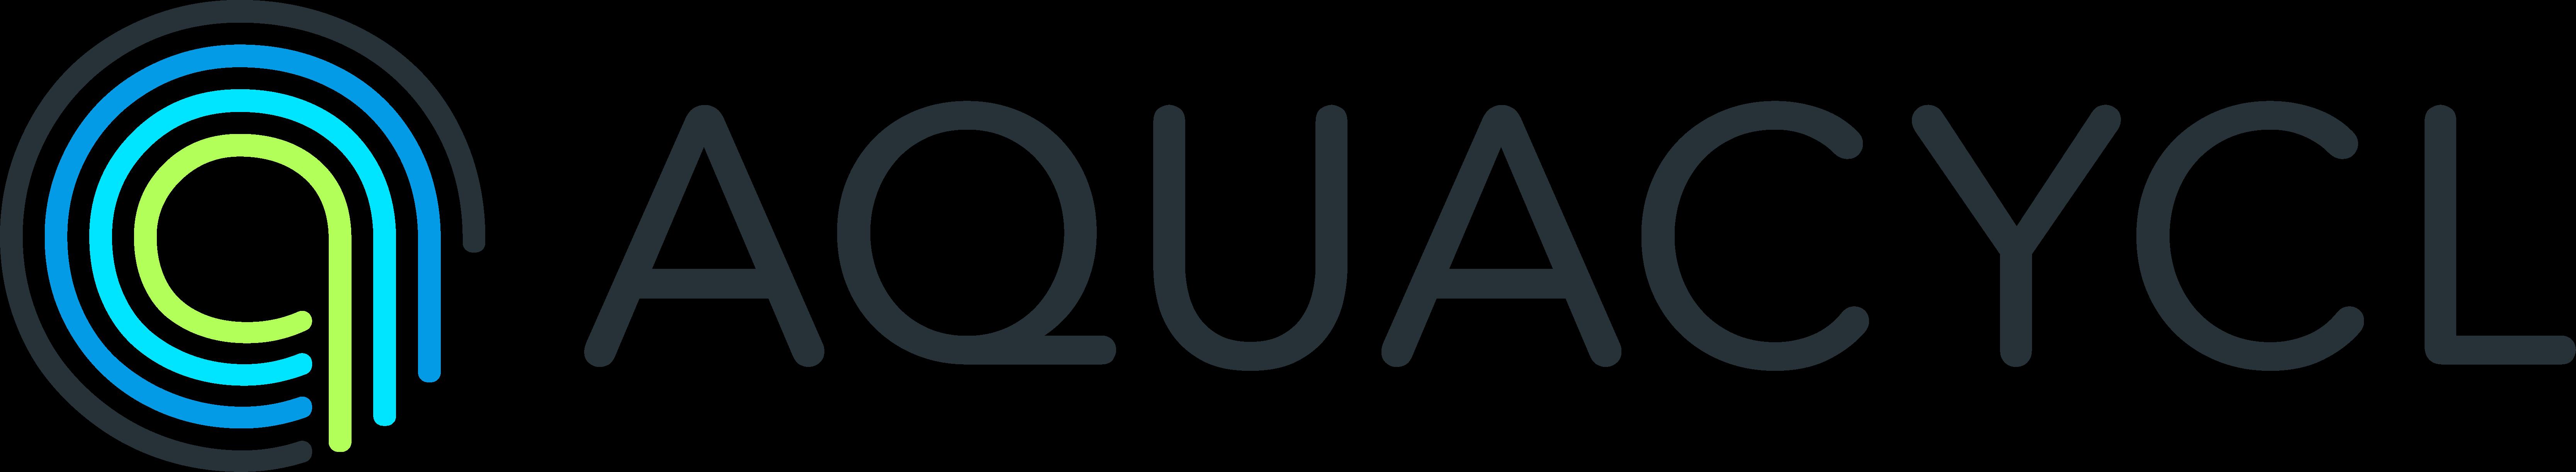 Aquacycl